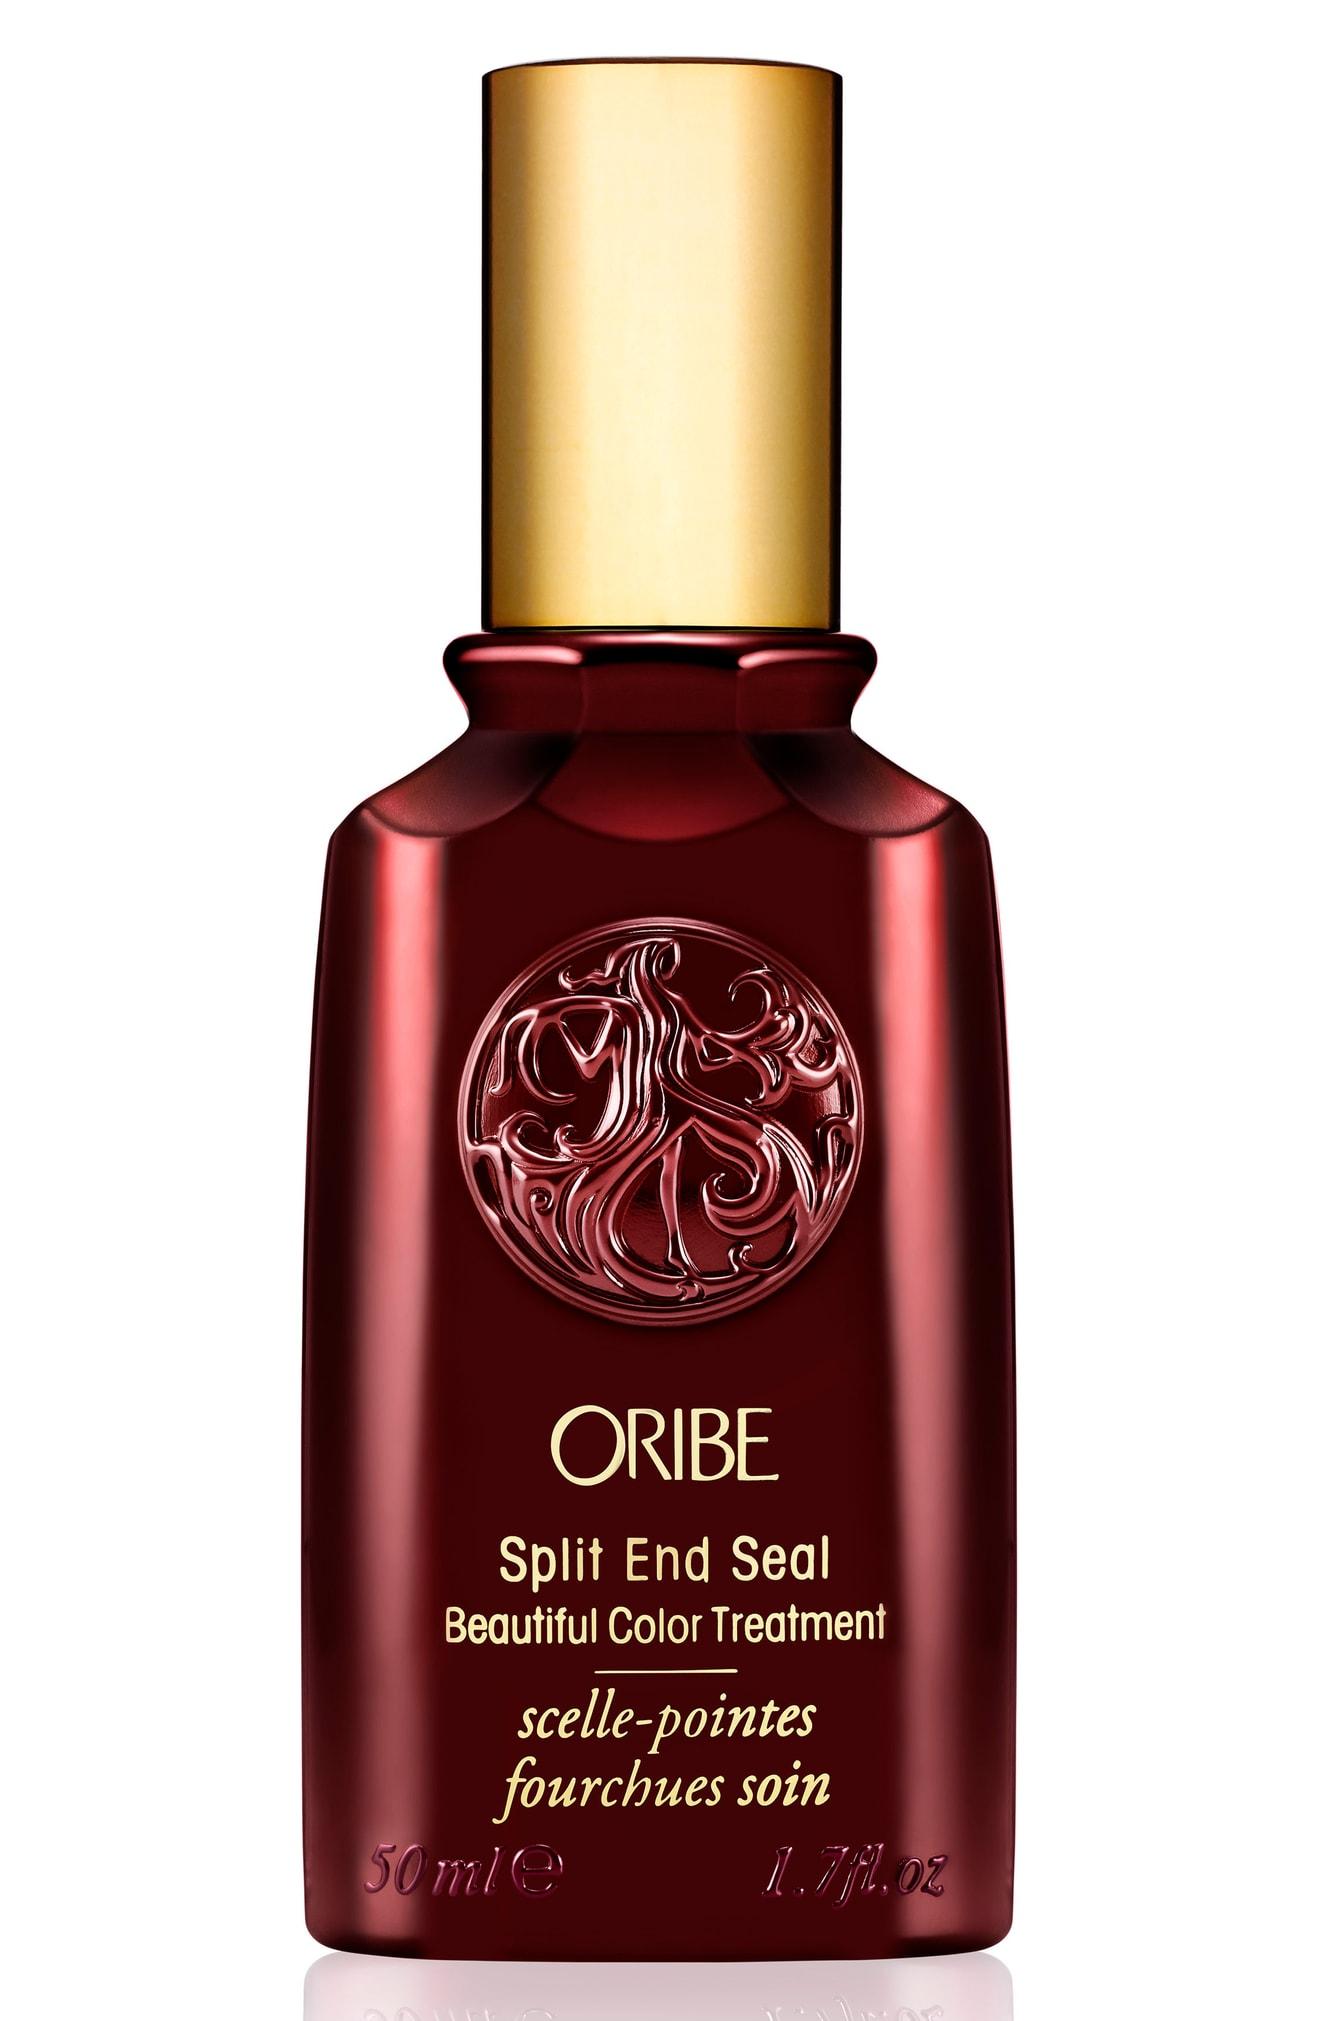 oribe split end tamer: $48 -